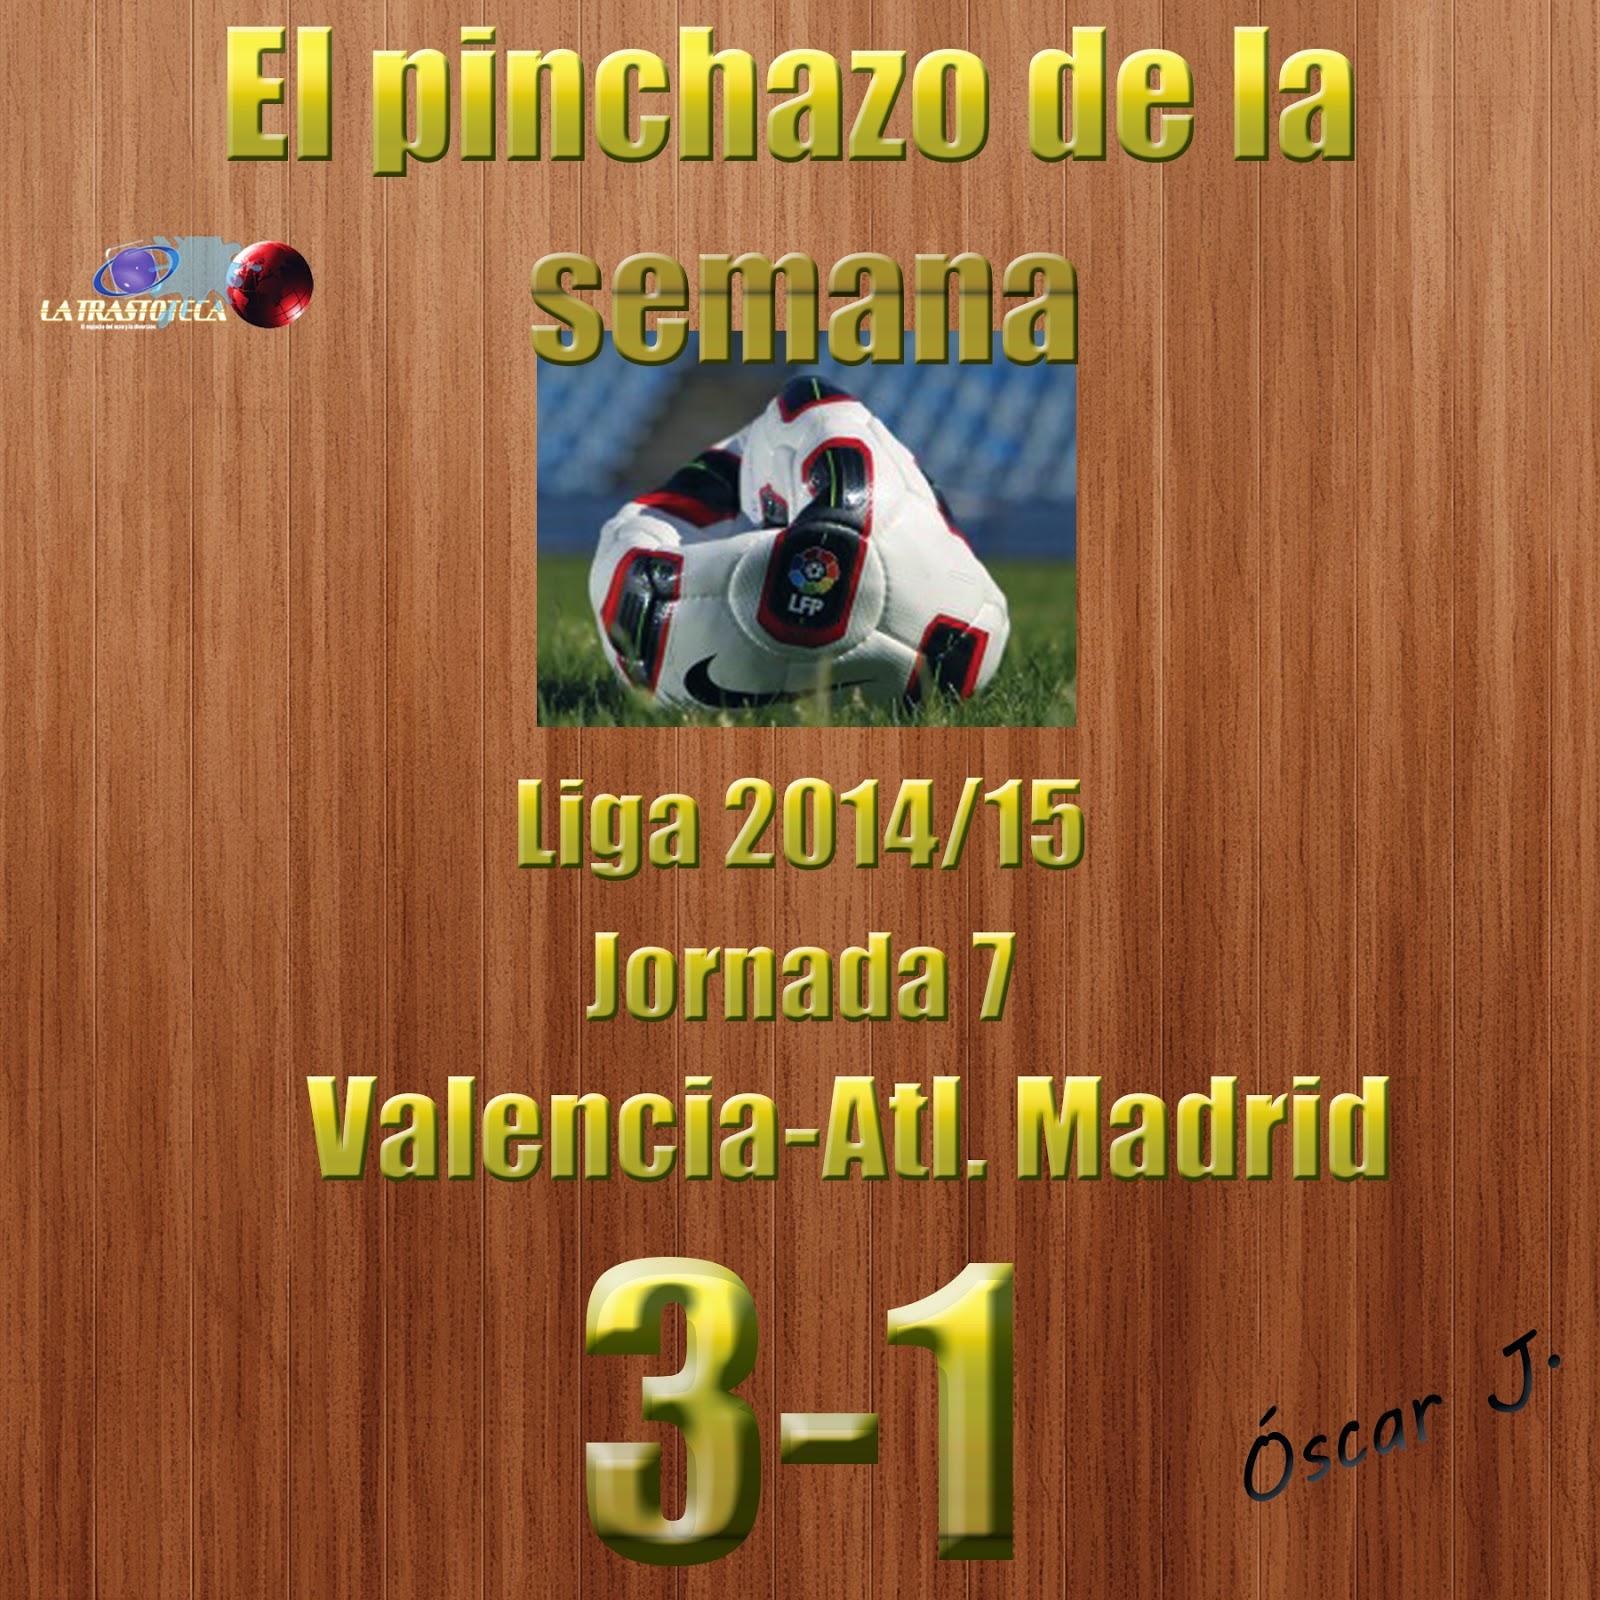 Valencia 3-1 Atlético de Madrid. Liga 2014/15 - Jornada 7. El pinchazo de la semana.